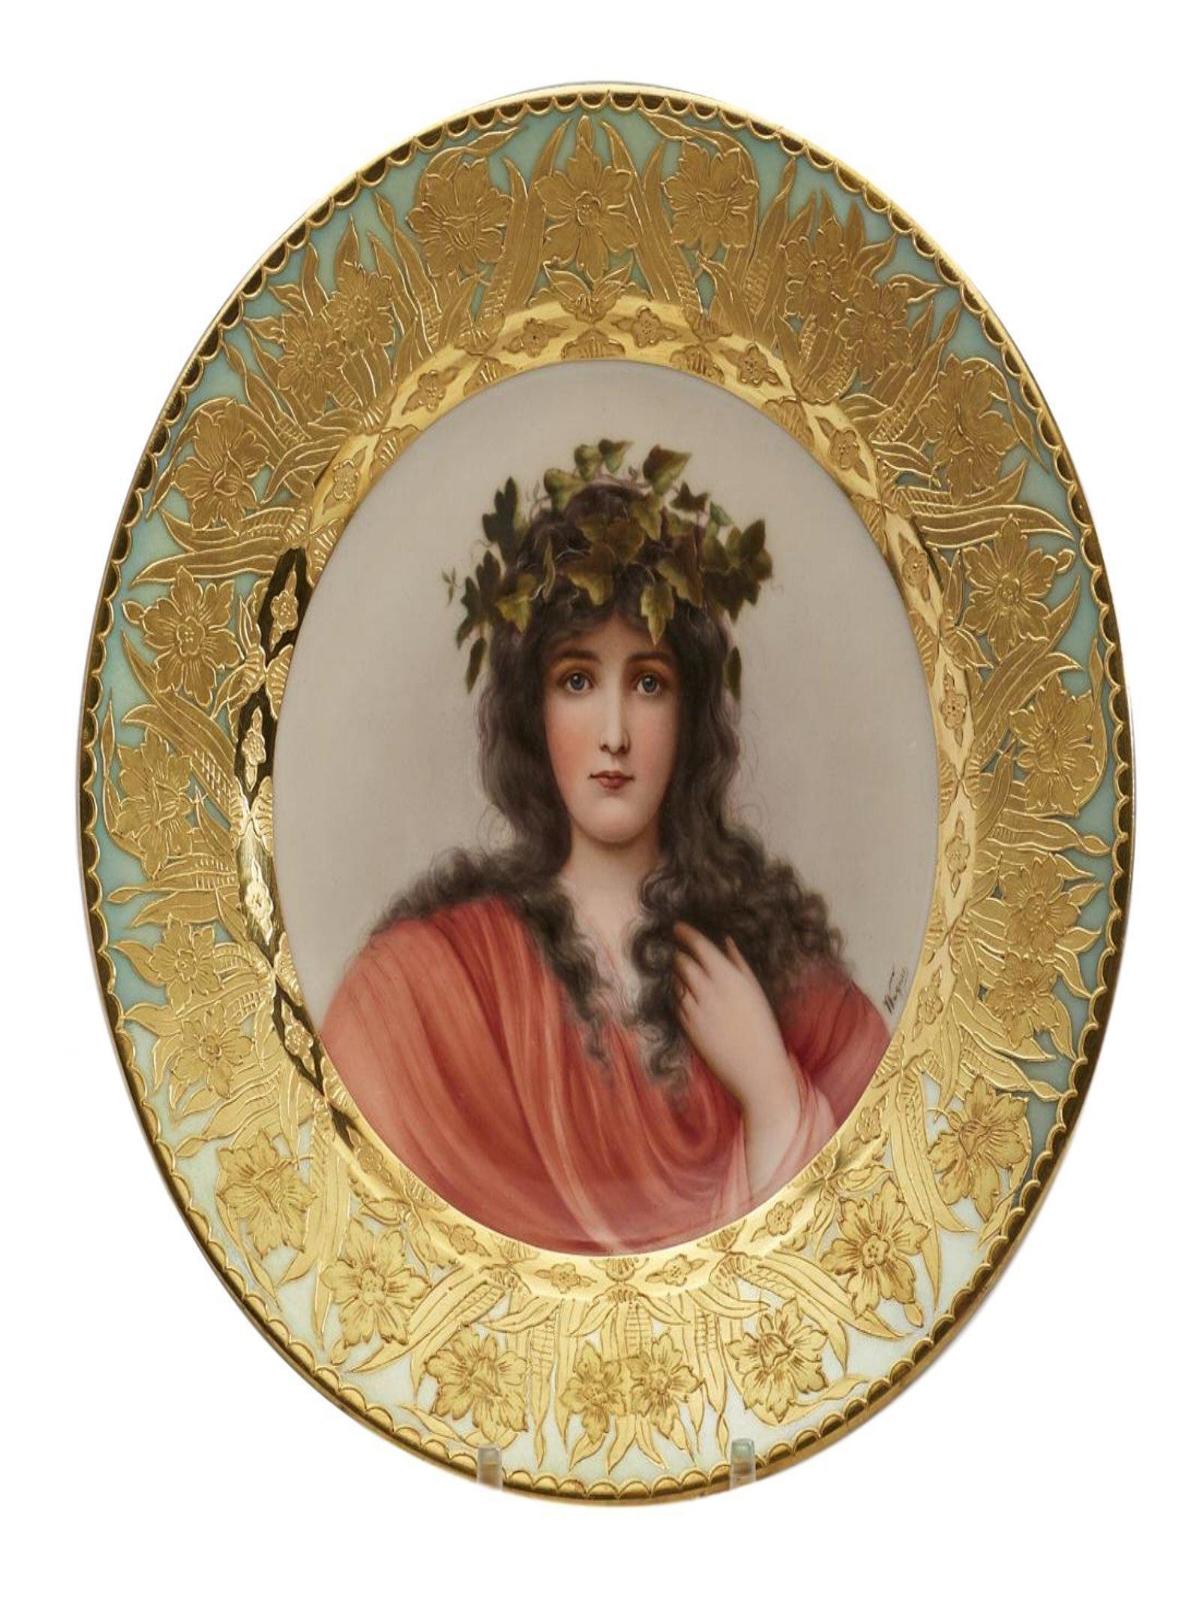 Antique Royal Vienna Porcelain Hand Painted Portrait Plate Signed Wagner ...  sc 1 st  Antiqi & Porcelain Plates u2014 Your Site Title